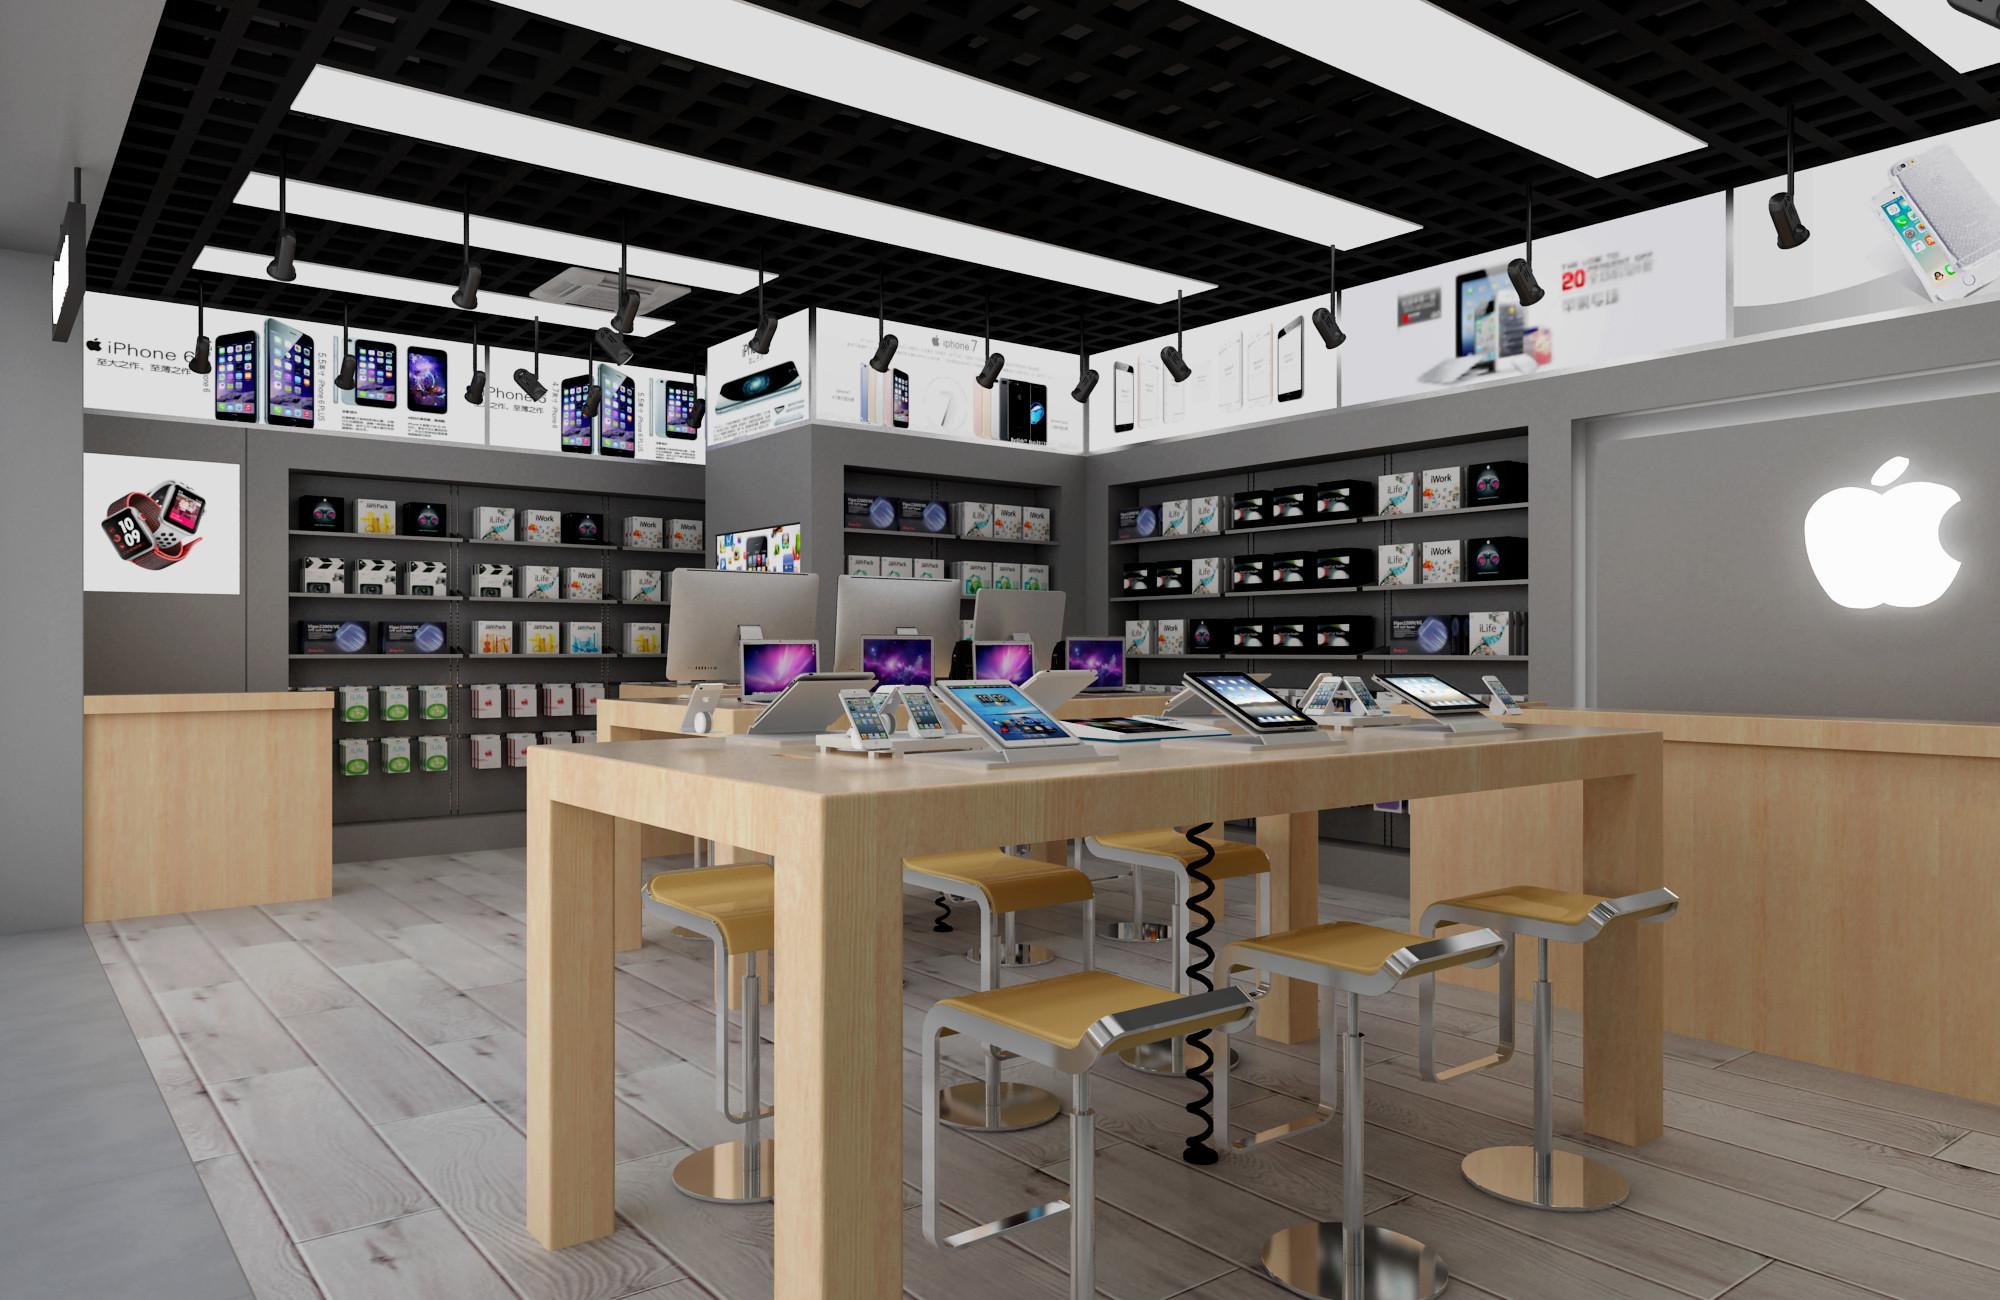 小型手机专卖店装修桌椅图片